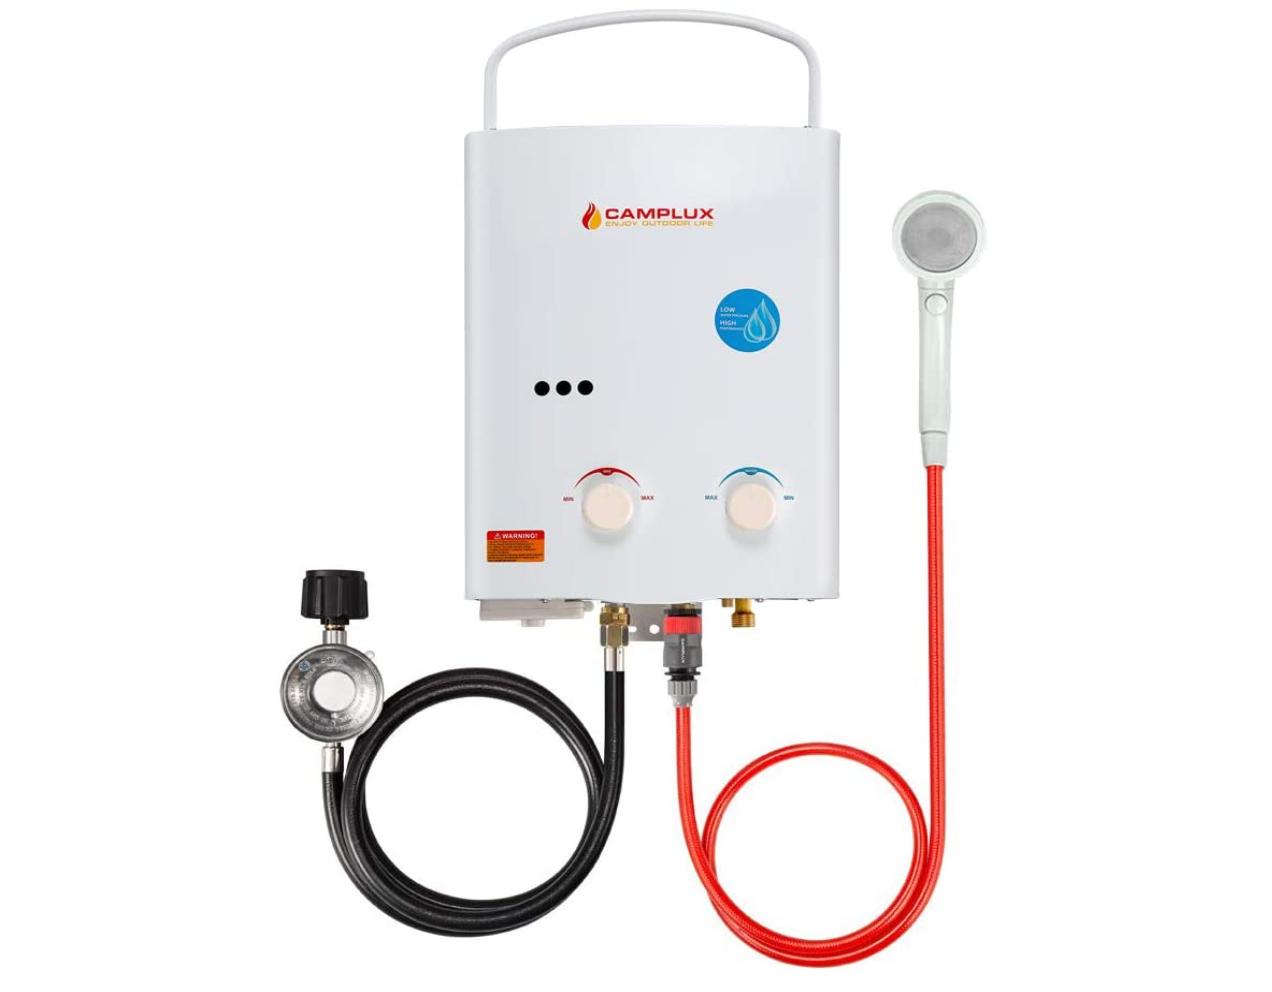 3-Camplux Outdoor Water Heater